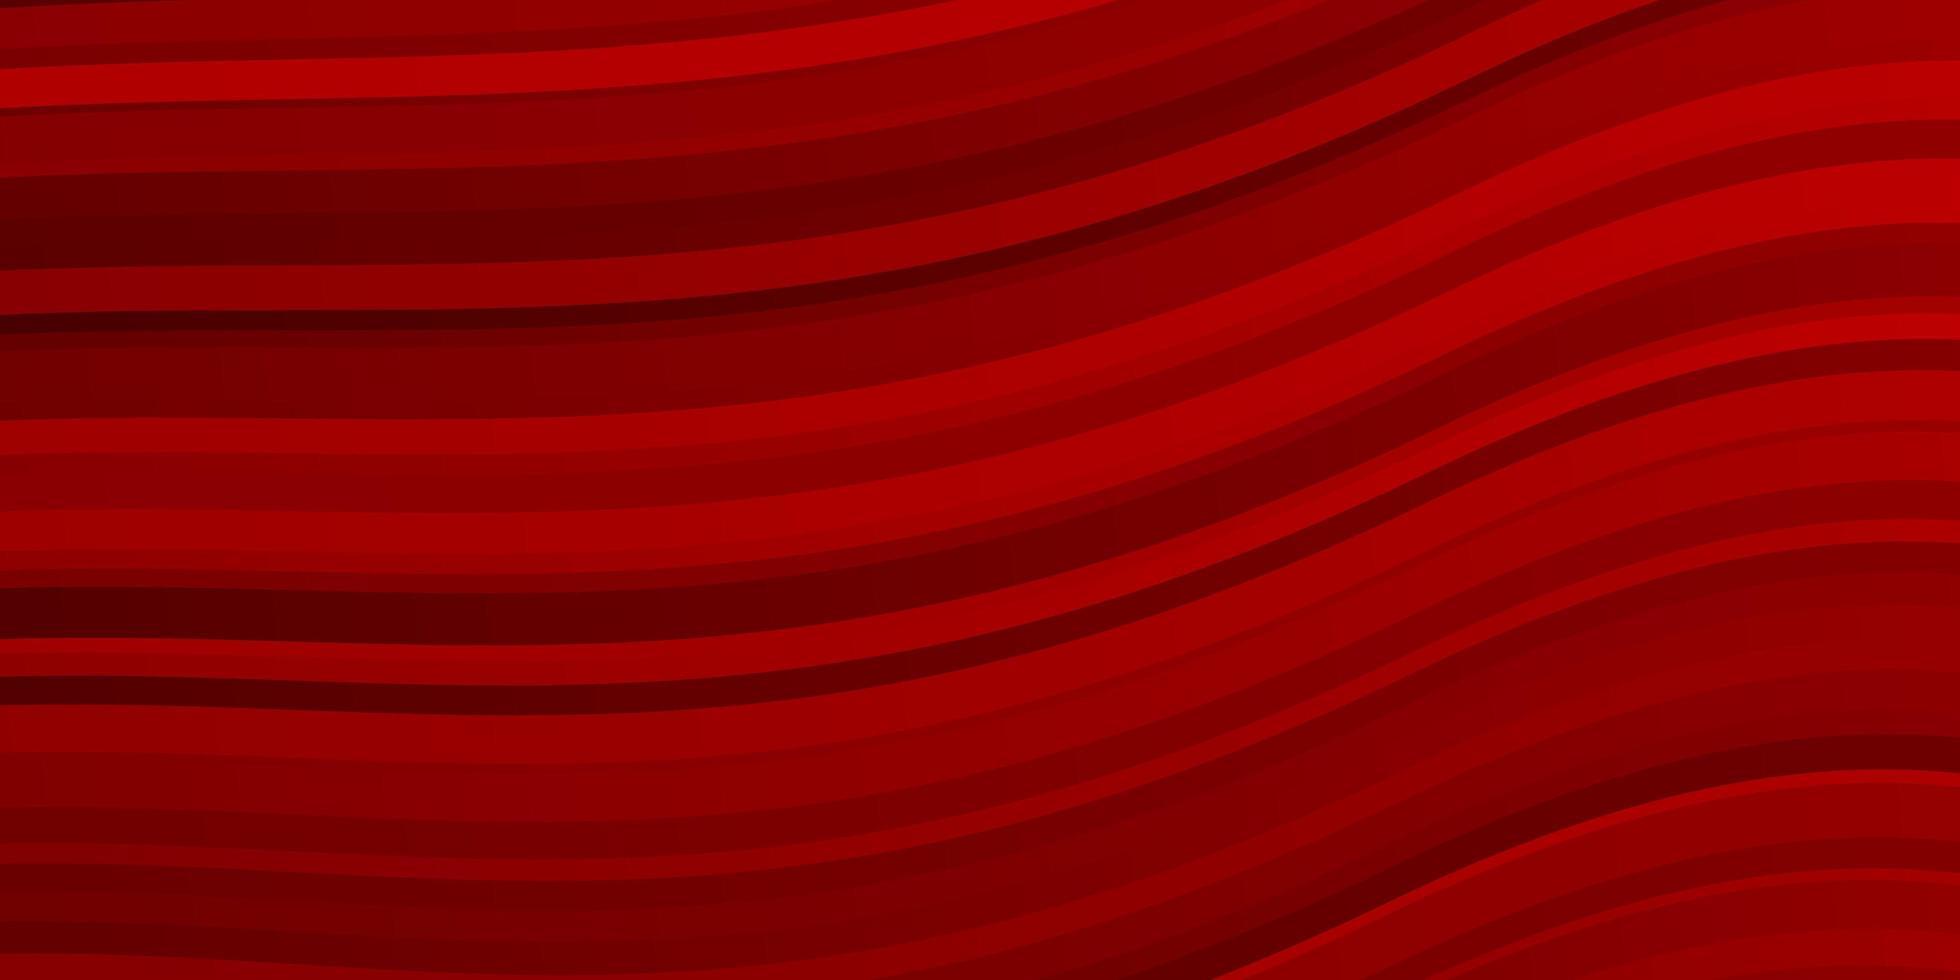 mörk röd bakgrund med böjda linjer. vektor